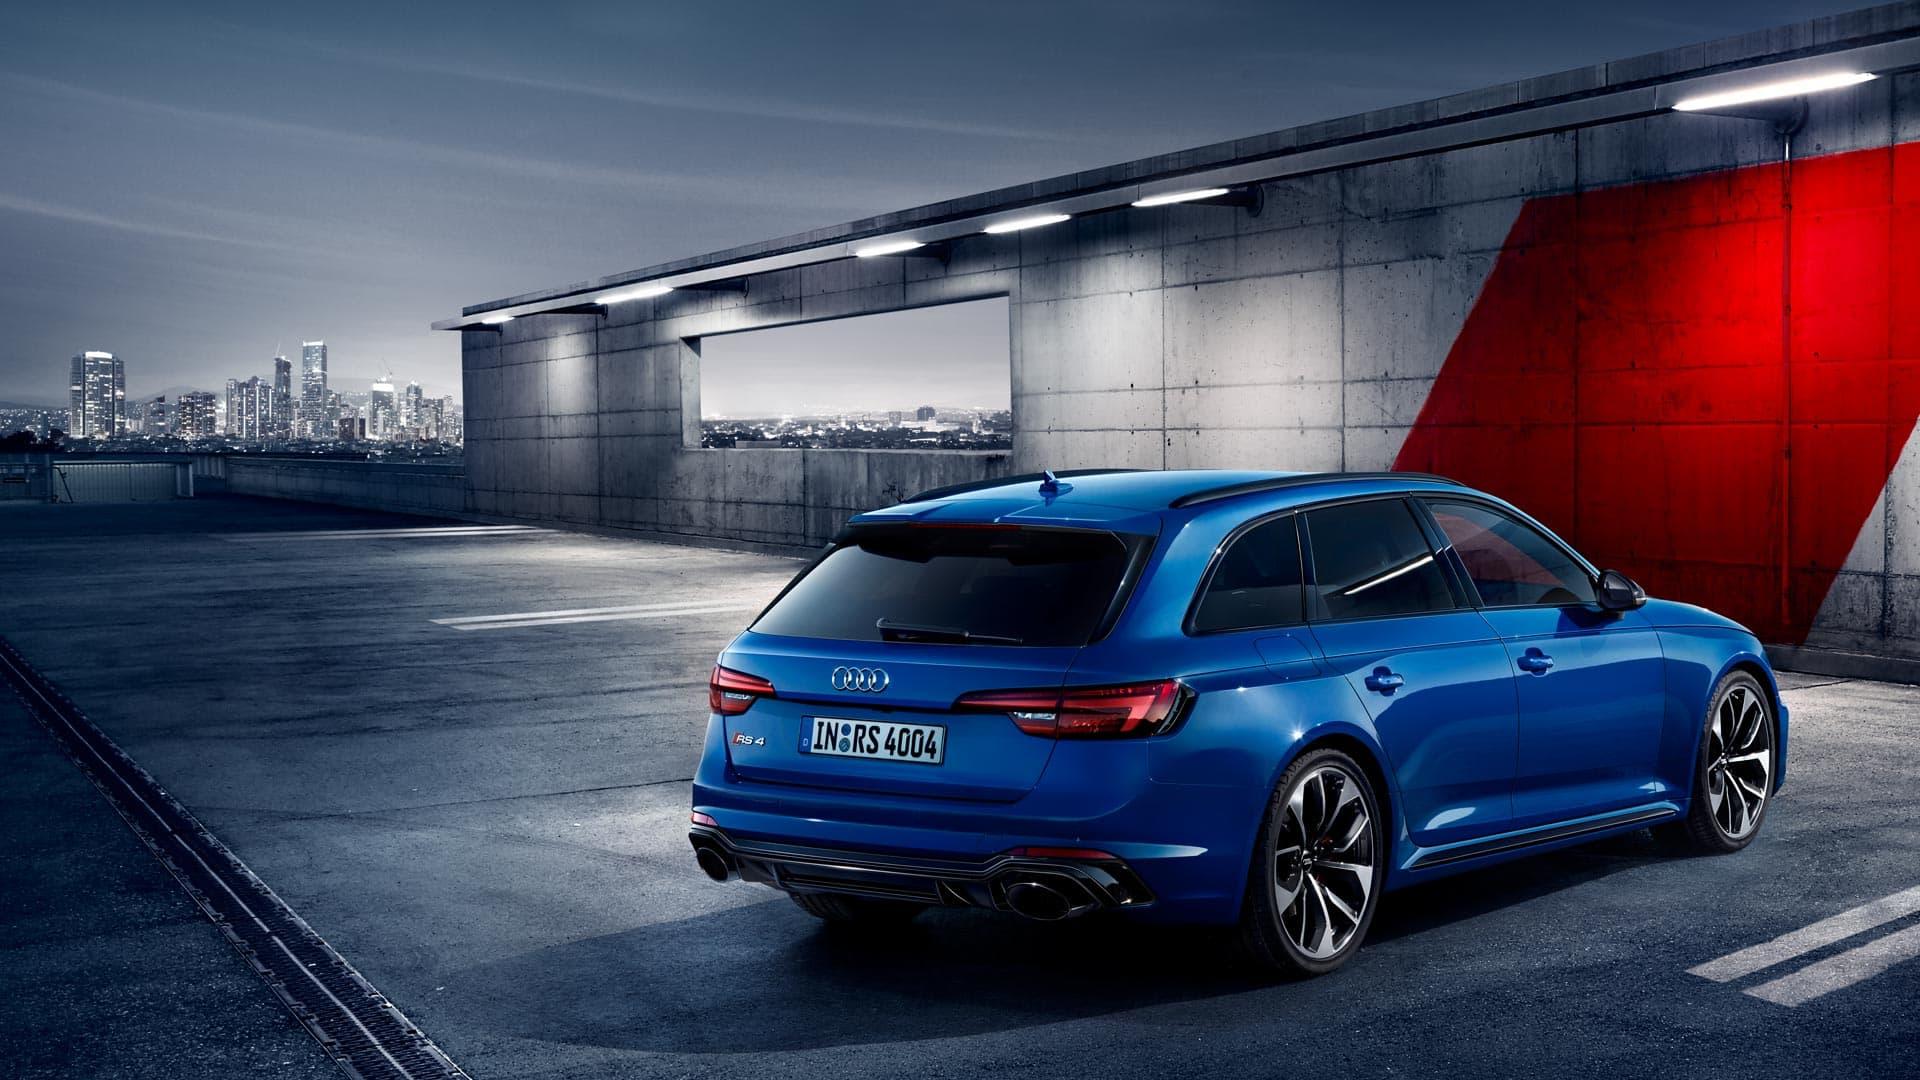 Rs 4 Avant Gt A4 Gt Audi Sweden